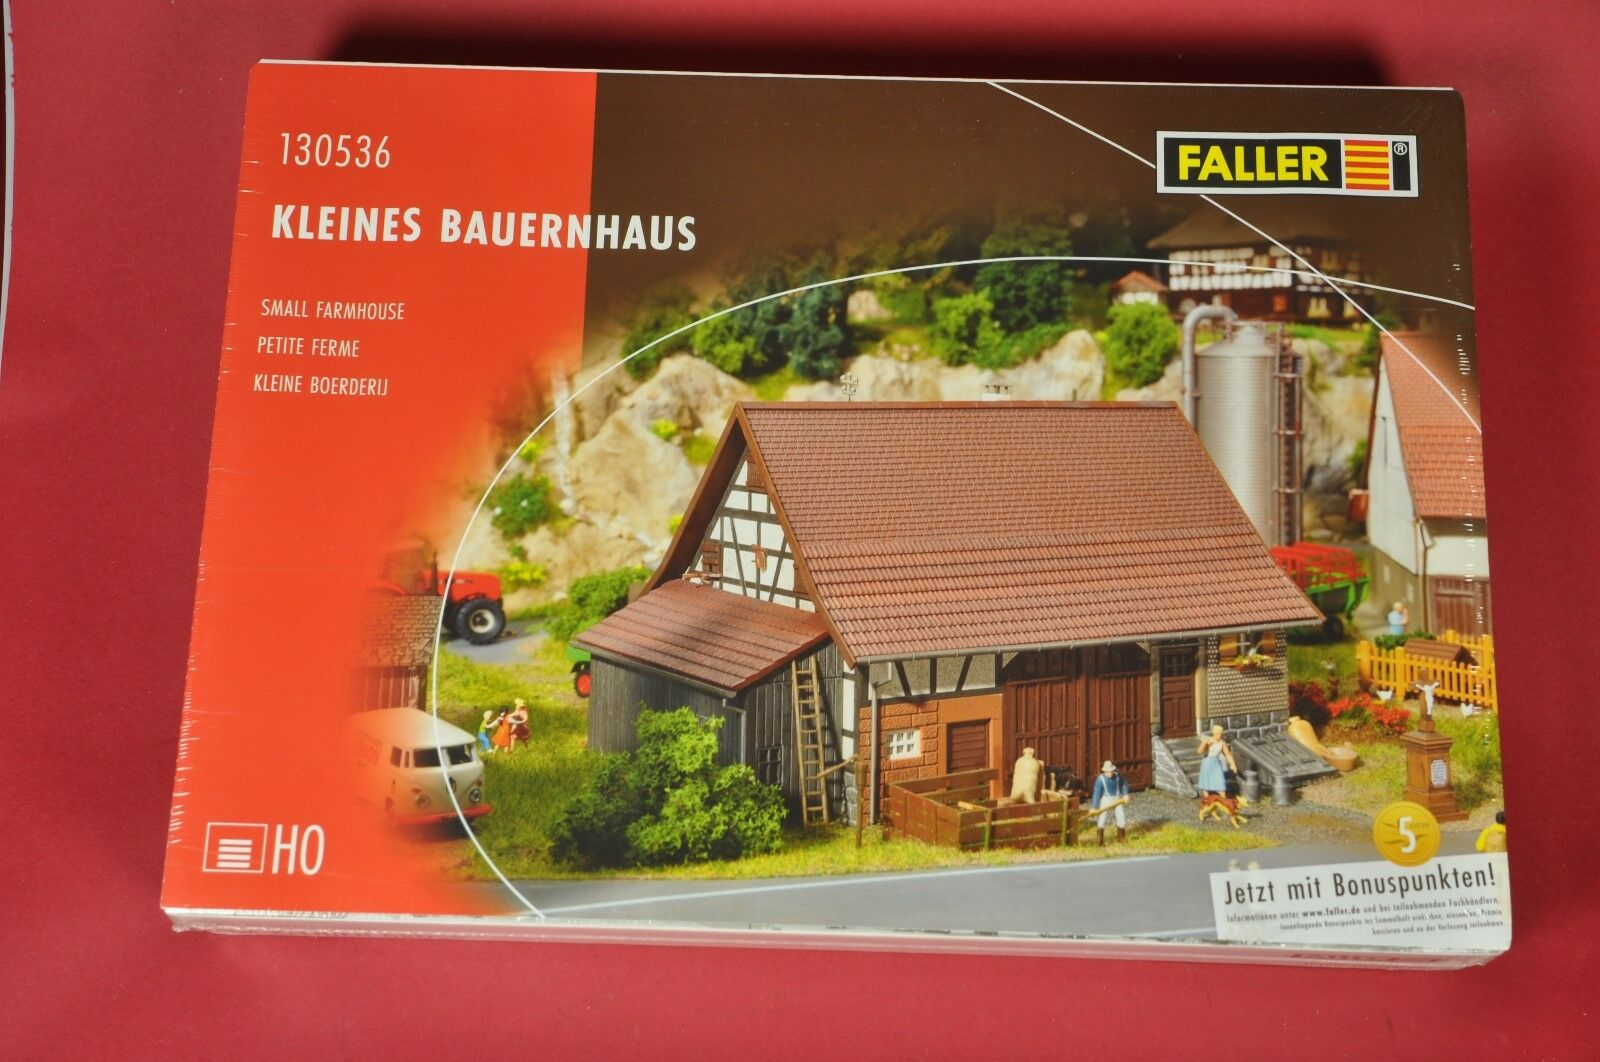 Faller 130536 piccola fattoria e 130458 Hotel con ristorante gourmet